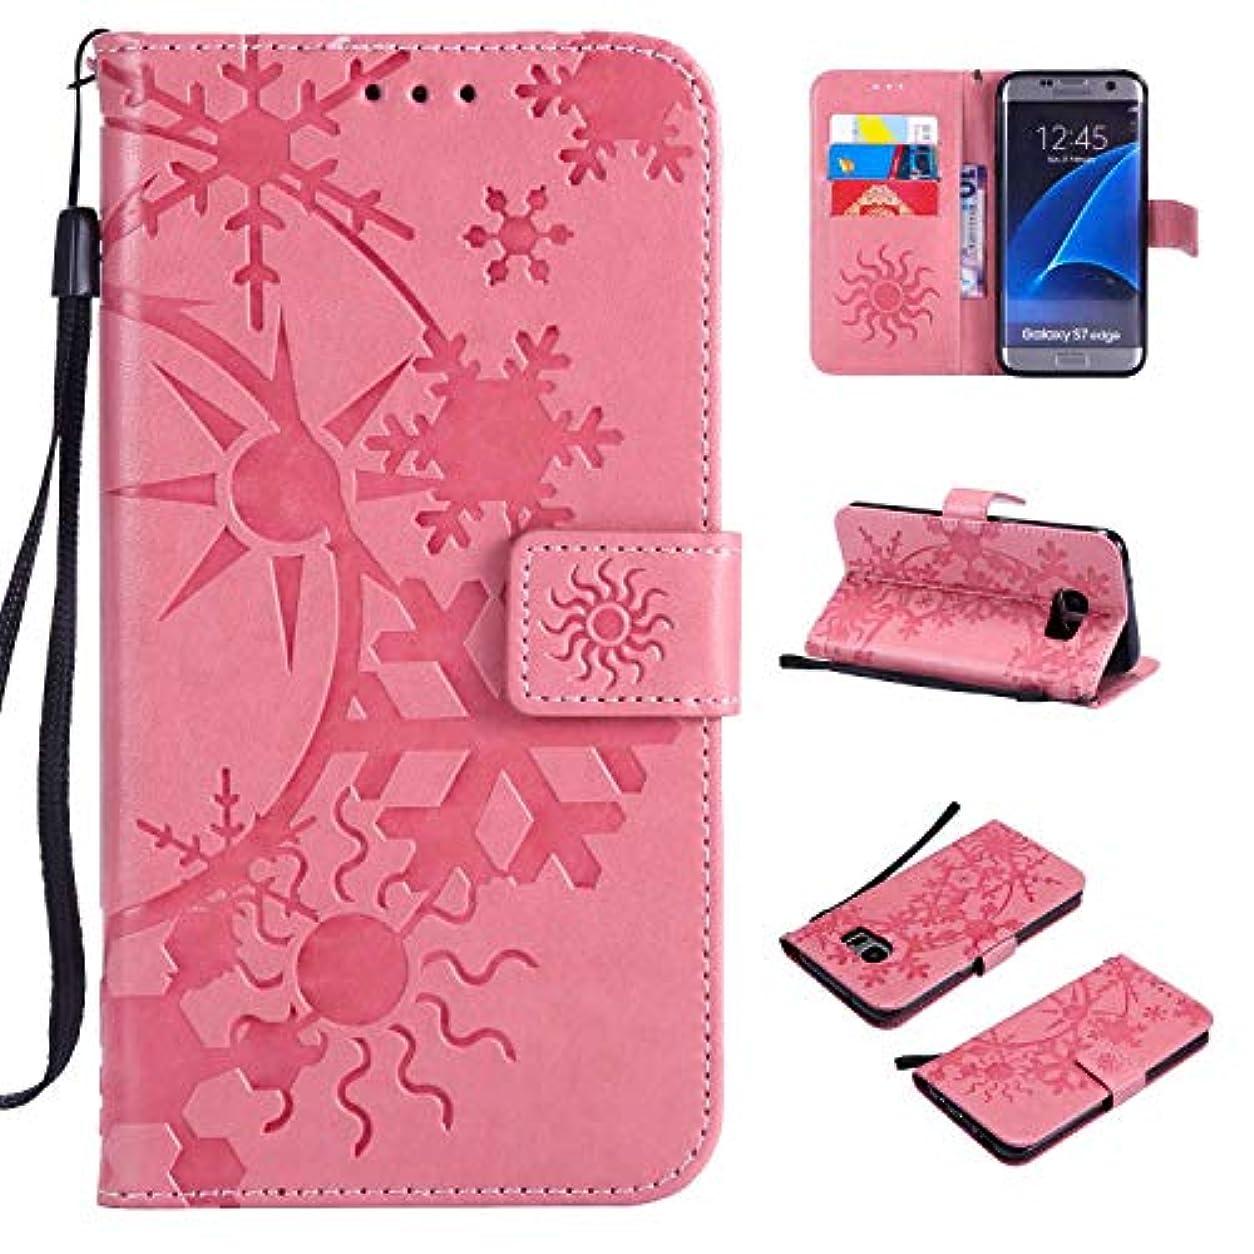 取得農場シフトGalaxy S7 Edge ケース CUSKING 手帳型 ケース ストラップ付き かわいい 財布 カバー カードポケット付き Samsung ギャラクシー S7 Edge マジックアレイ ケース - ピンク